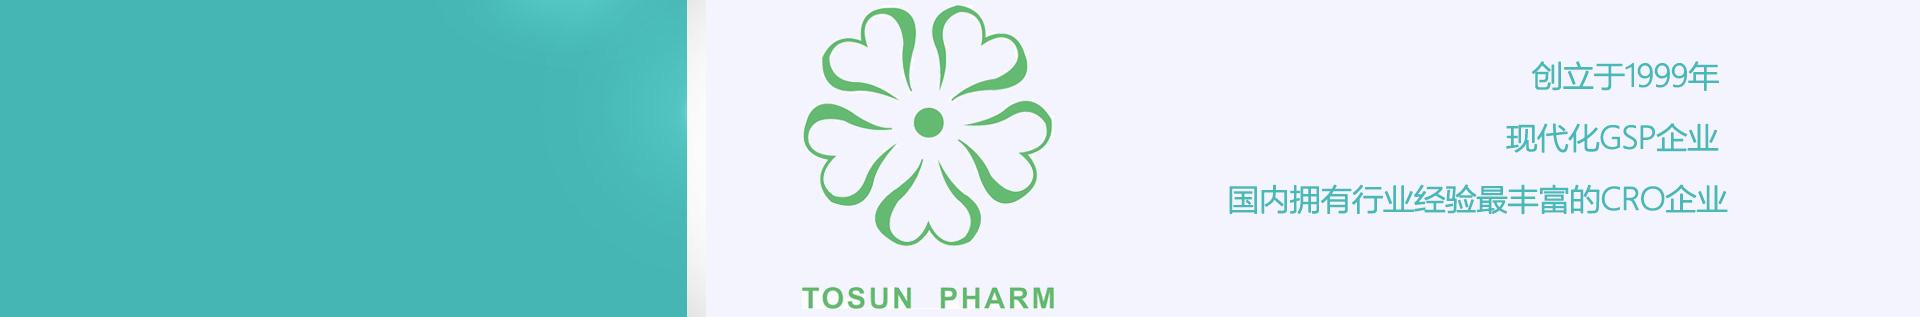 桐晖药业是国内拥有行业经验最丰富的CRO企业